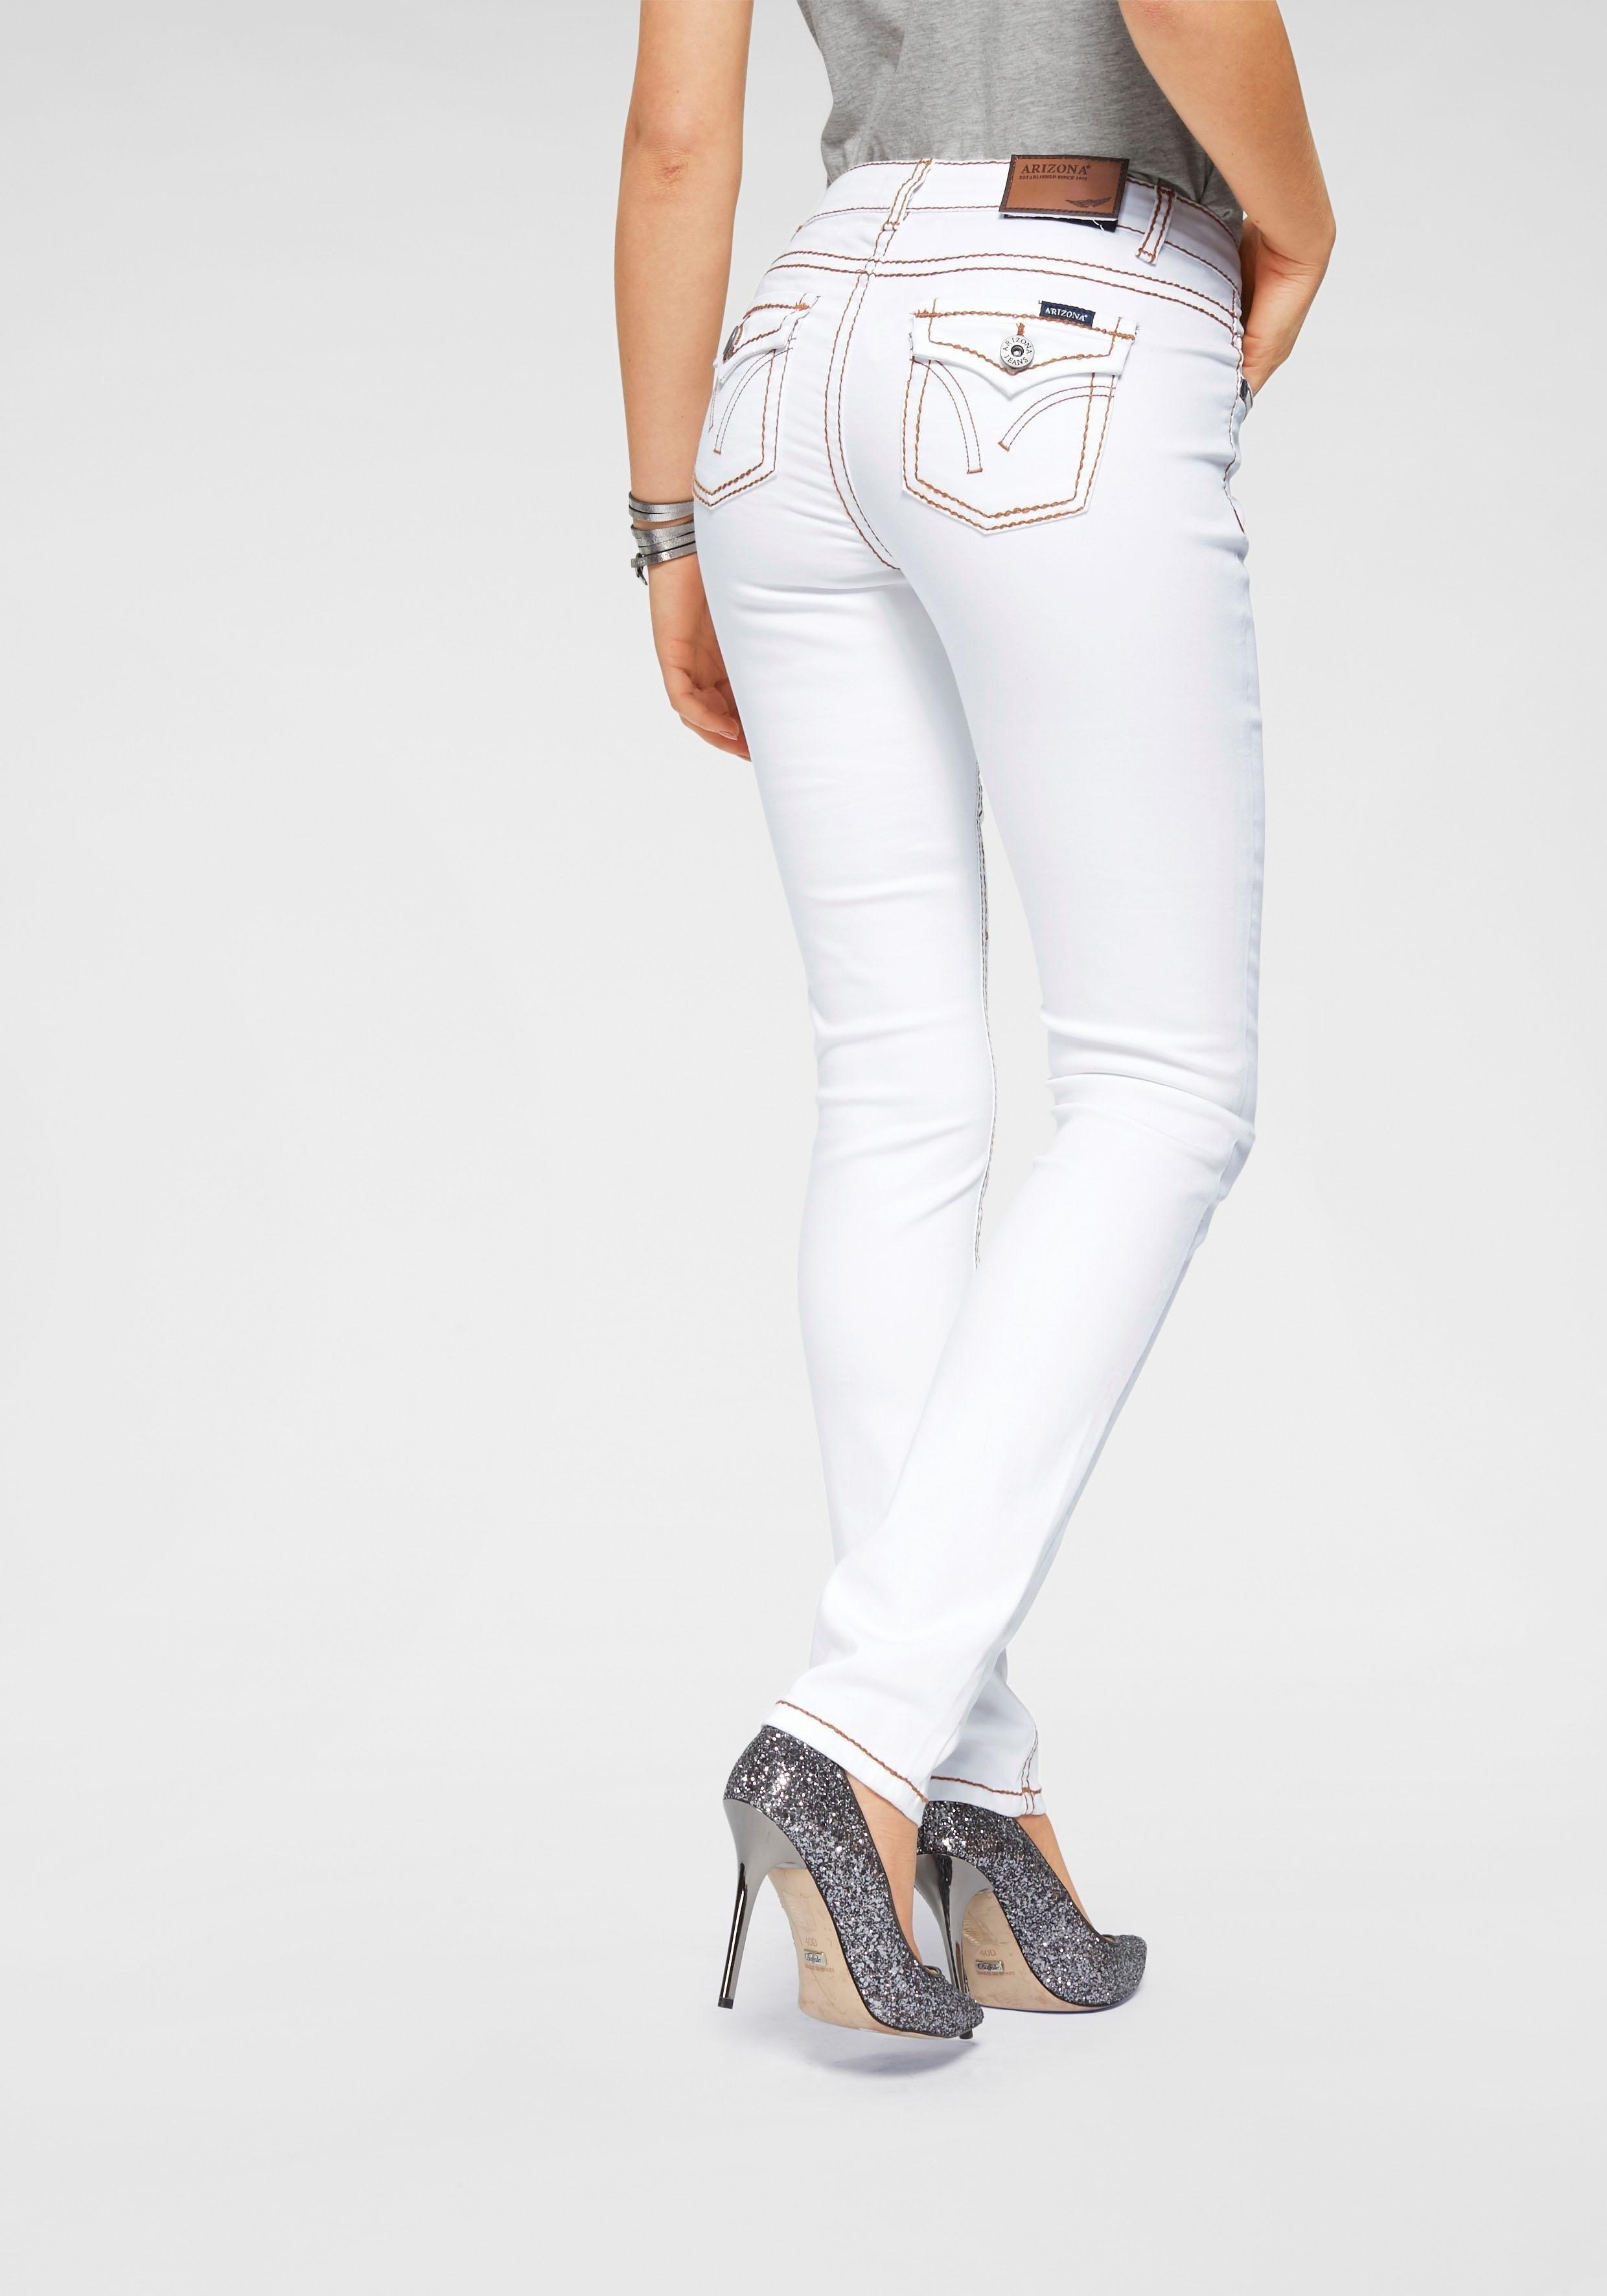 ARIZONA Skinny-jeans met contrastnaden - gratis ruilen op otto.nl